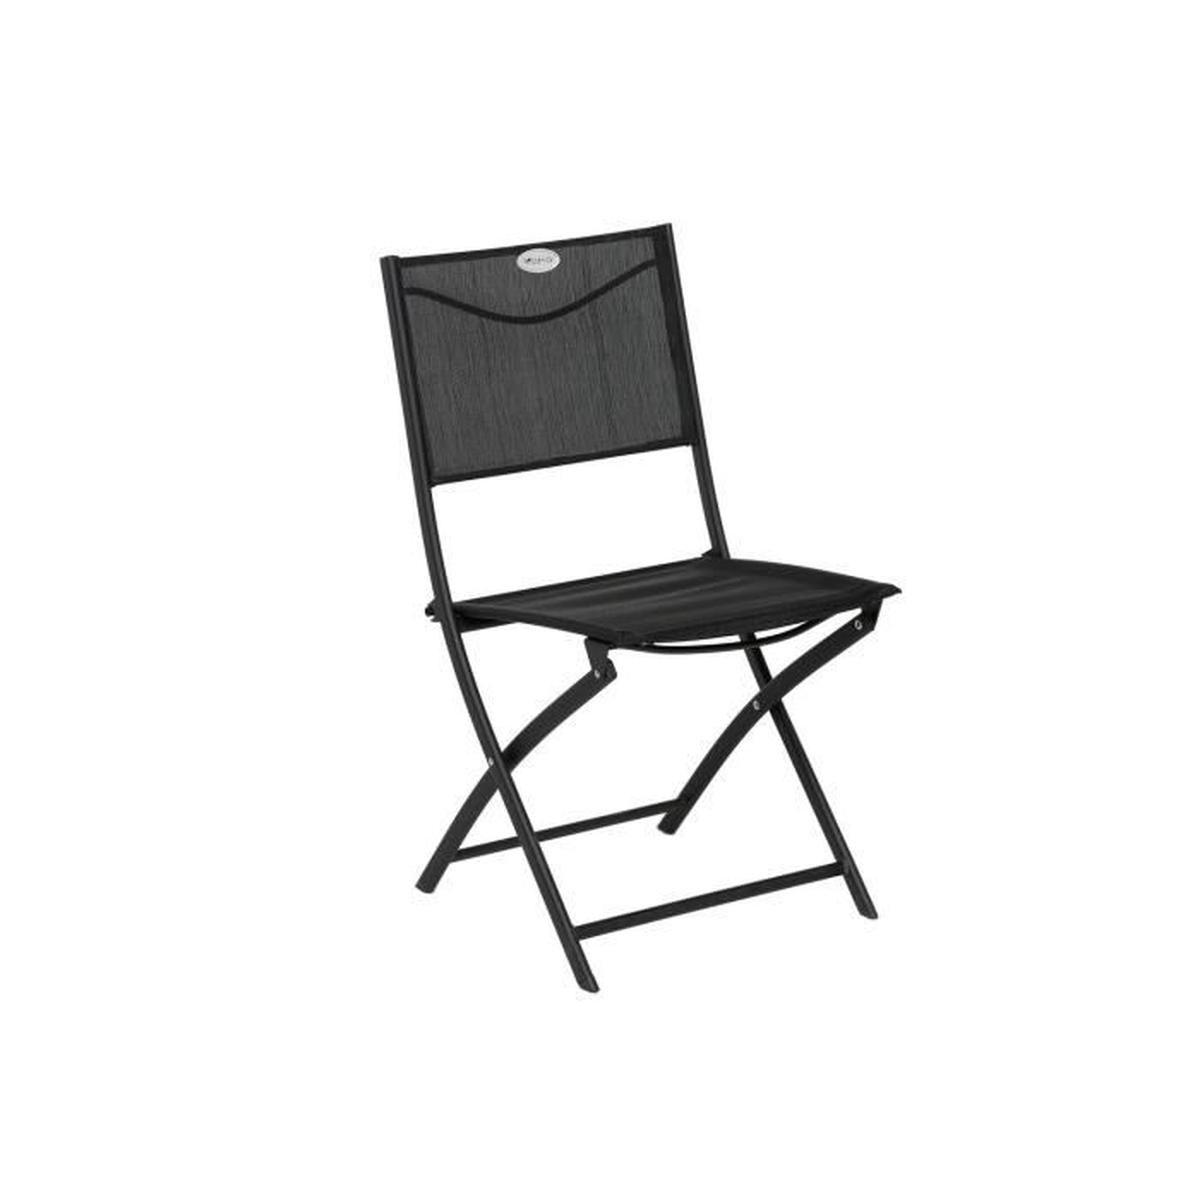 Chaise Pliante Les Compatibles - Noir - Achat / Vente ... à Chaise De Jardin Hesperide